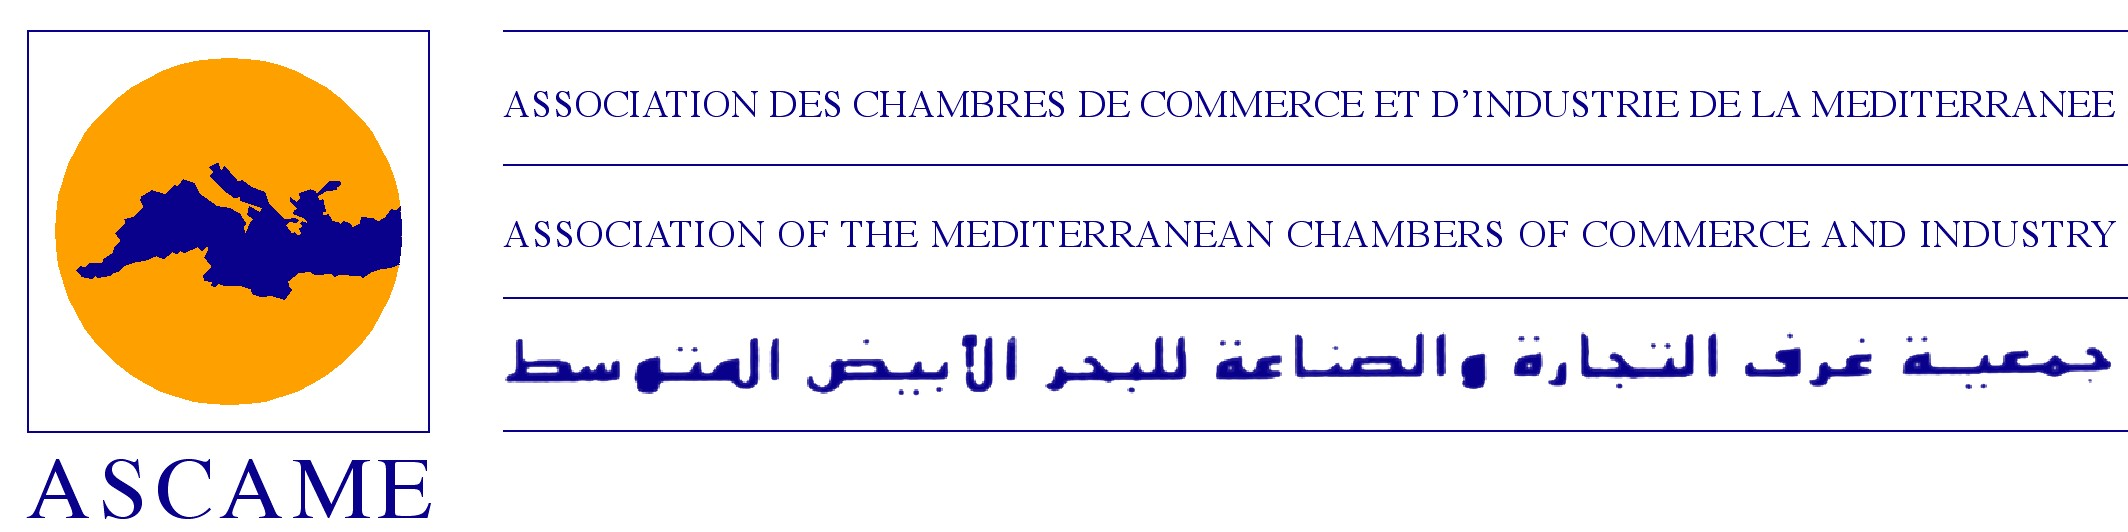 logo for Asociación de las Camaras de Comercio e Industria del Mediterraneo